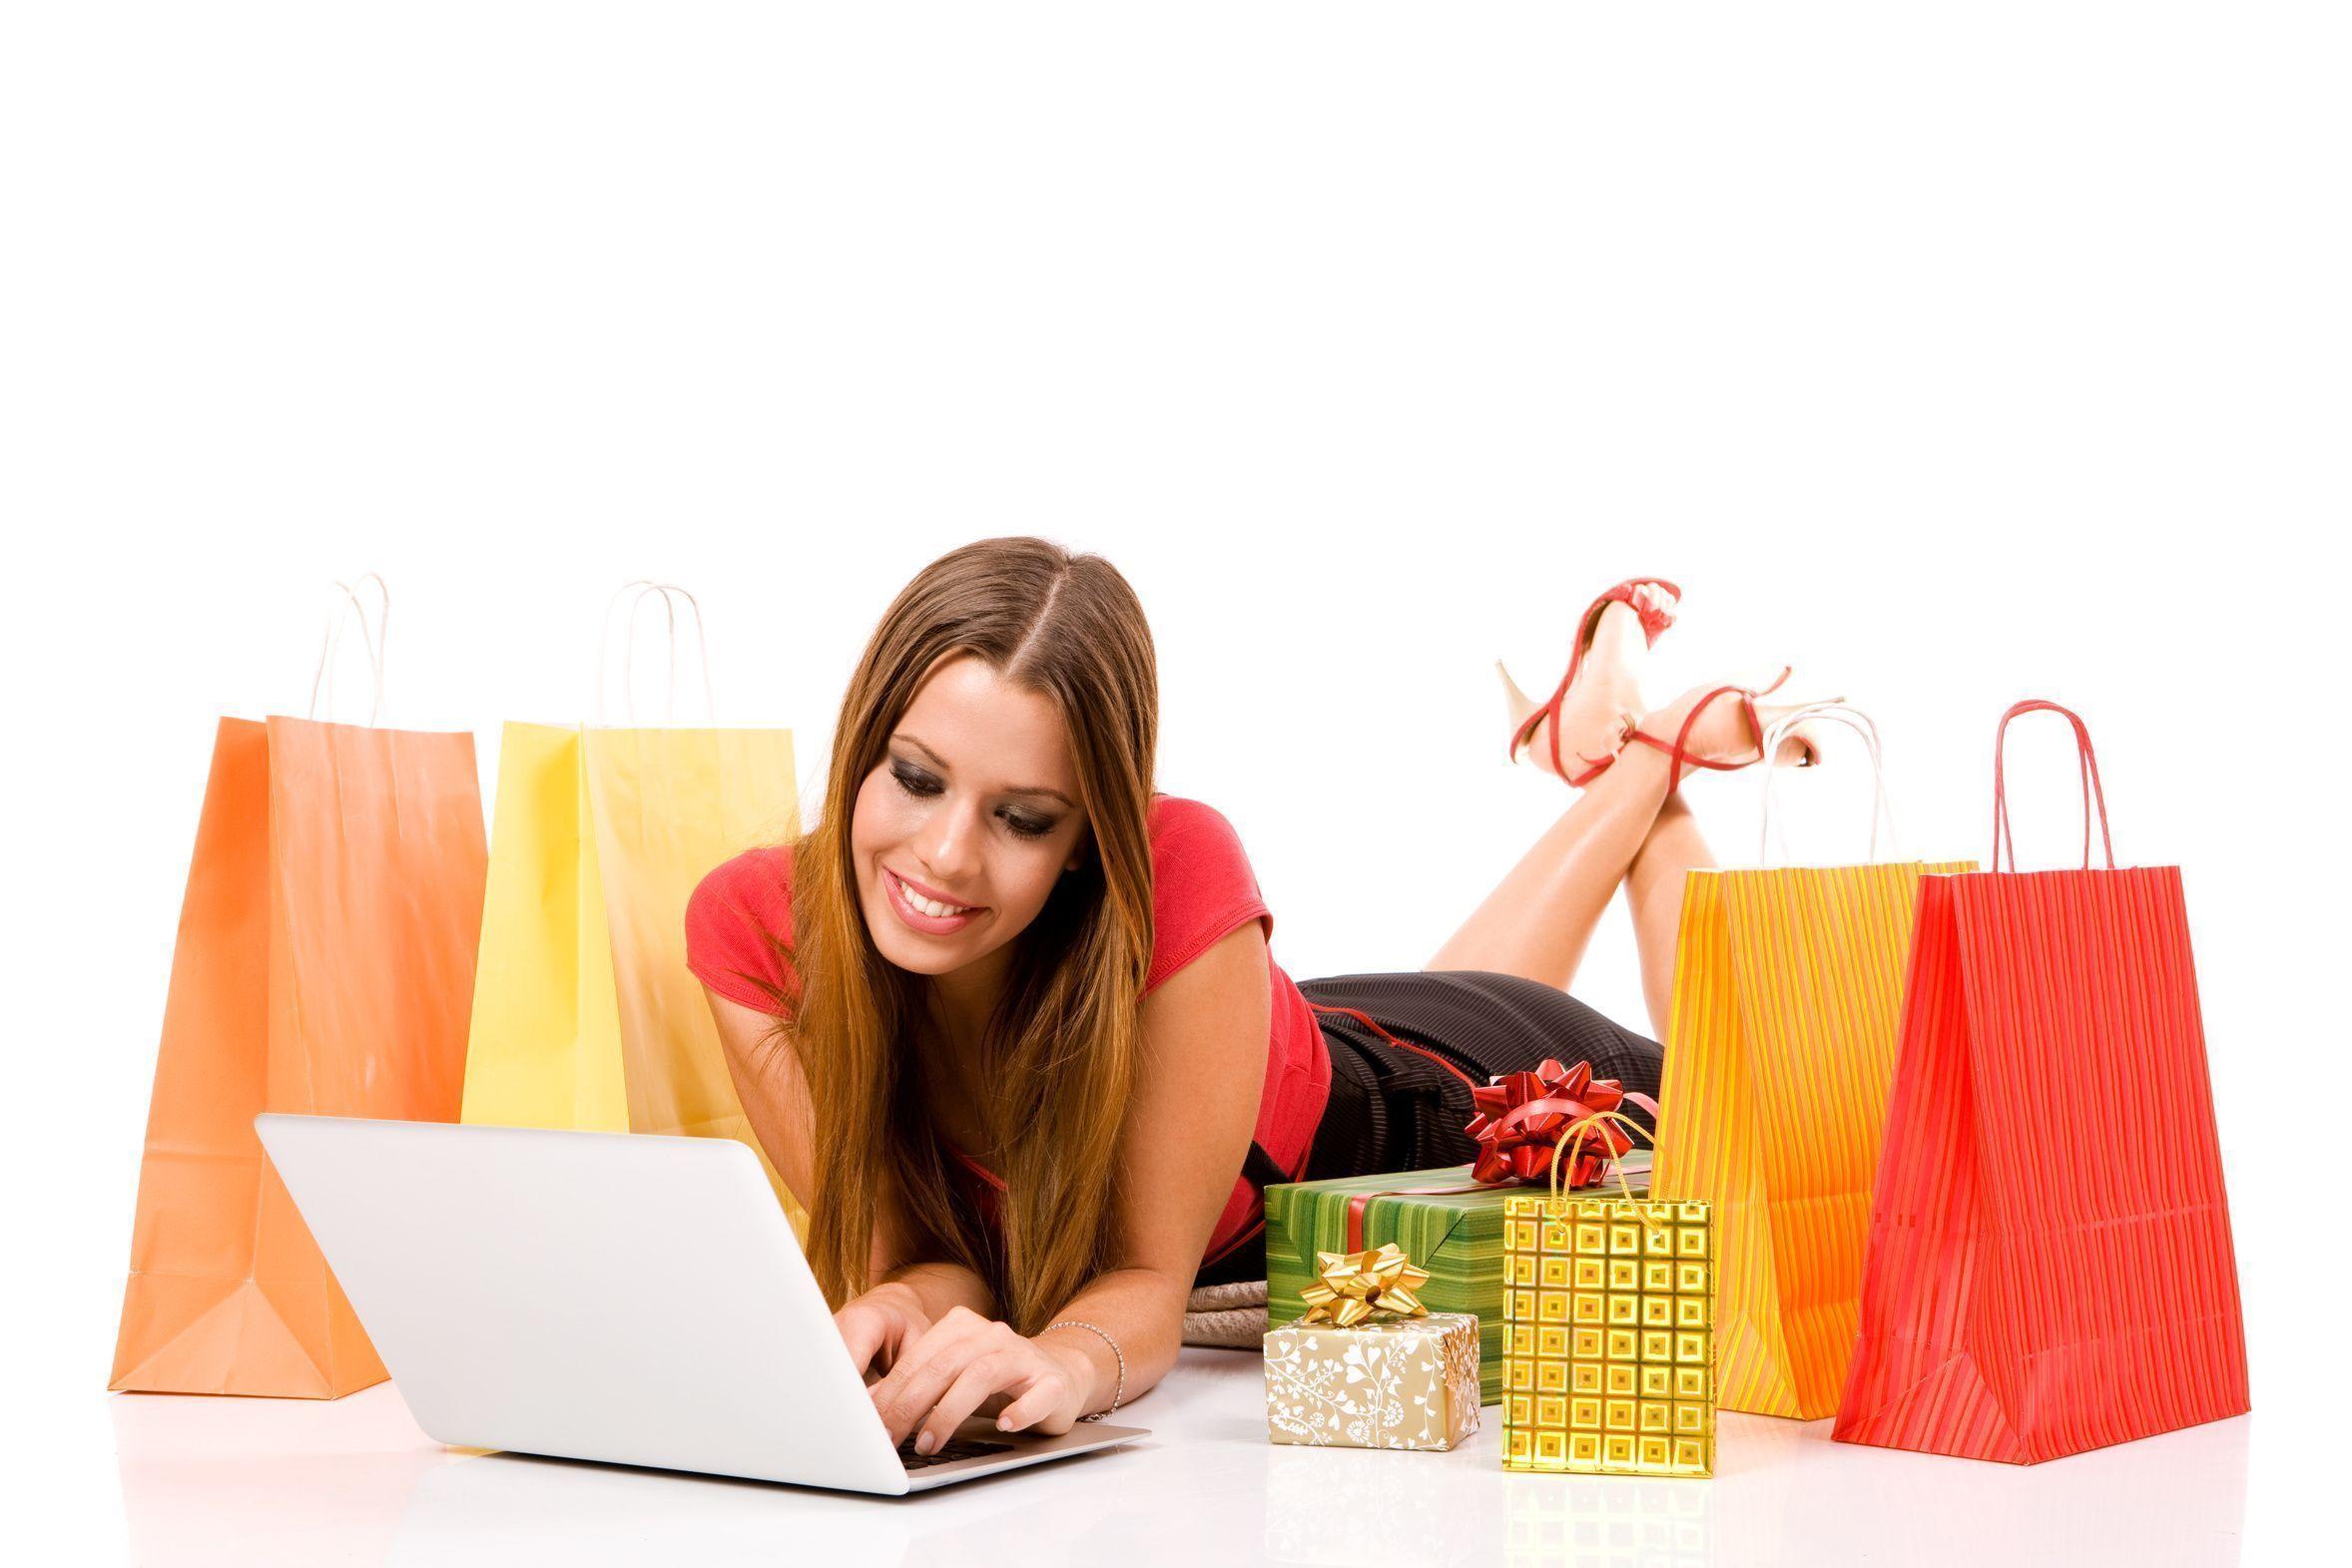 Cliente Compra Online